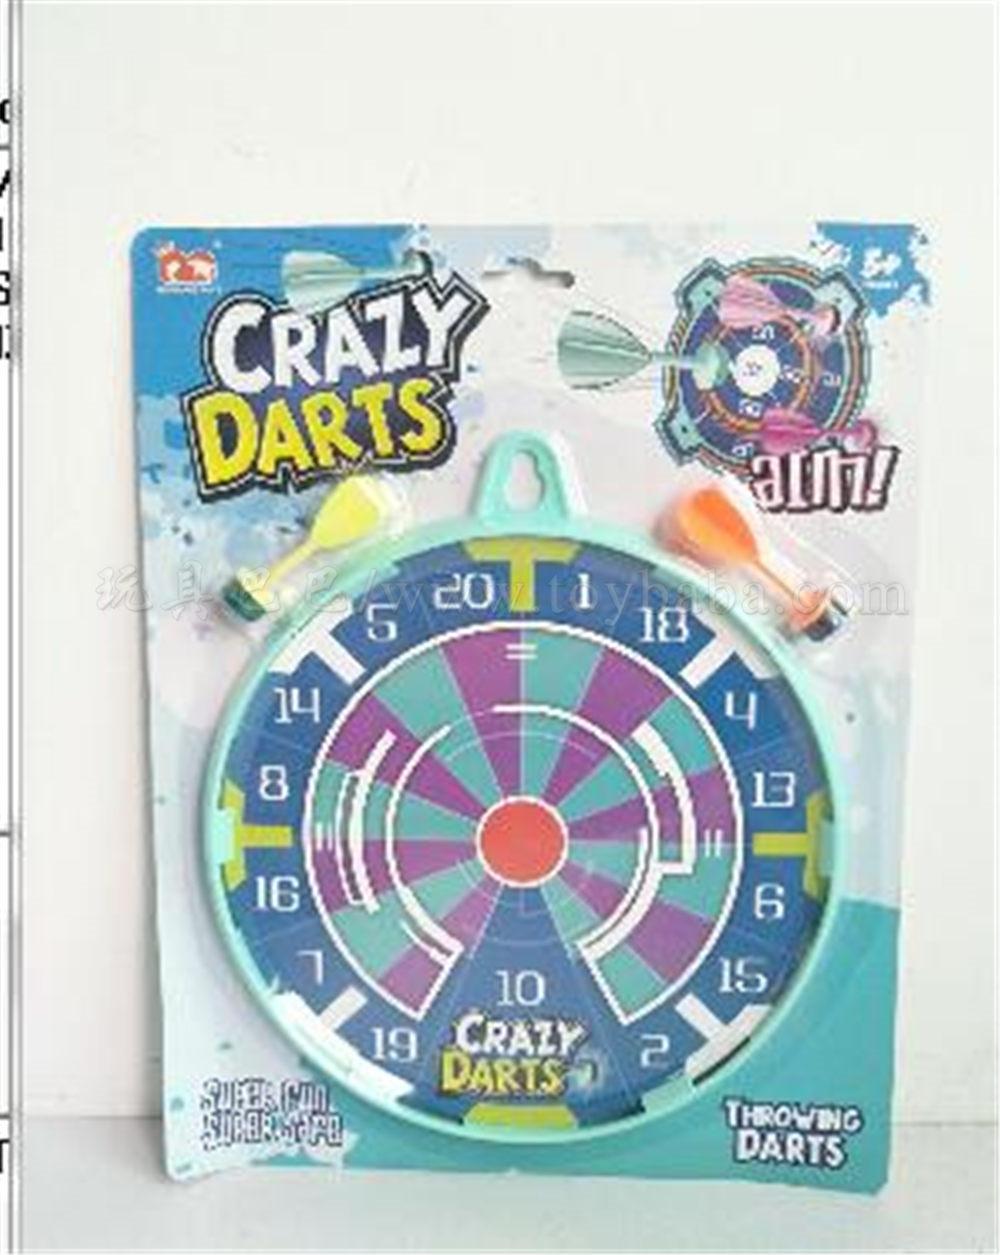 Sticky dart * 2 (large disc)